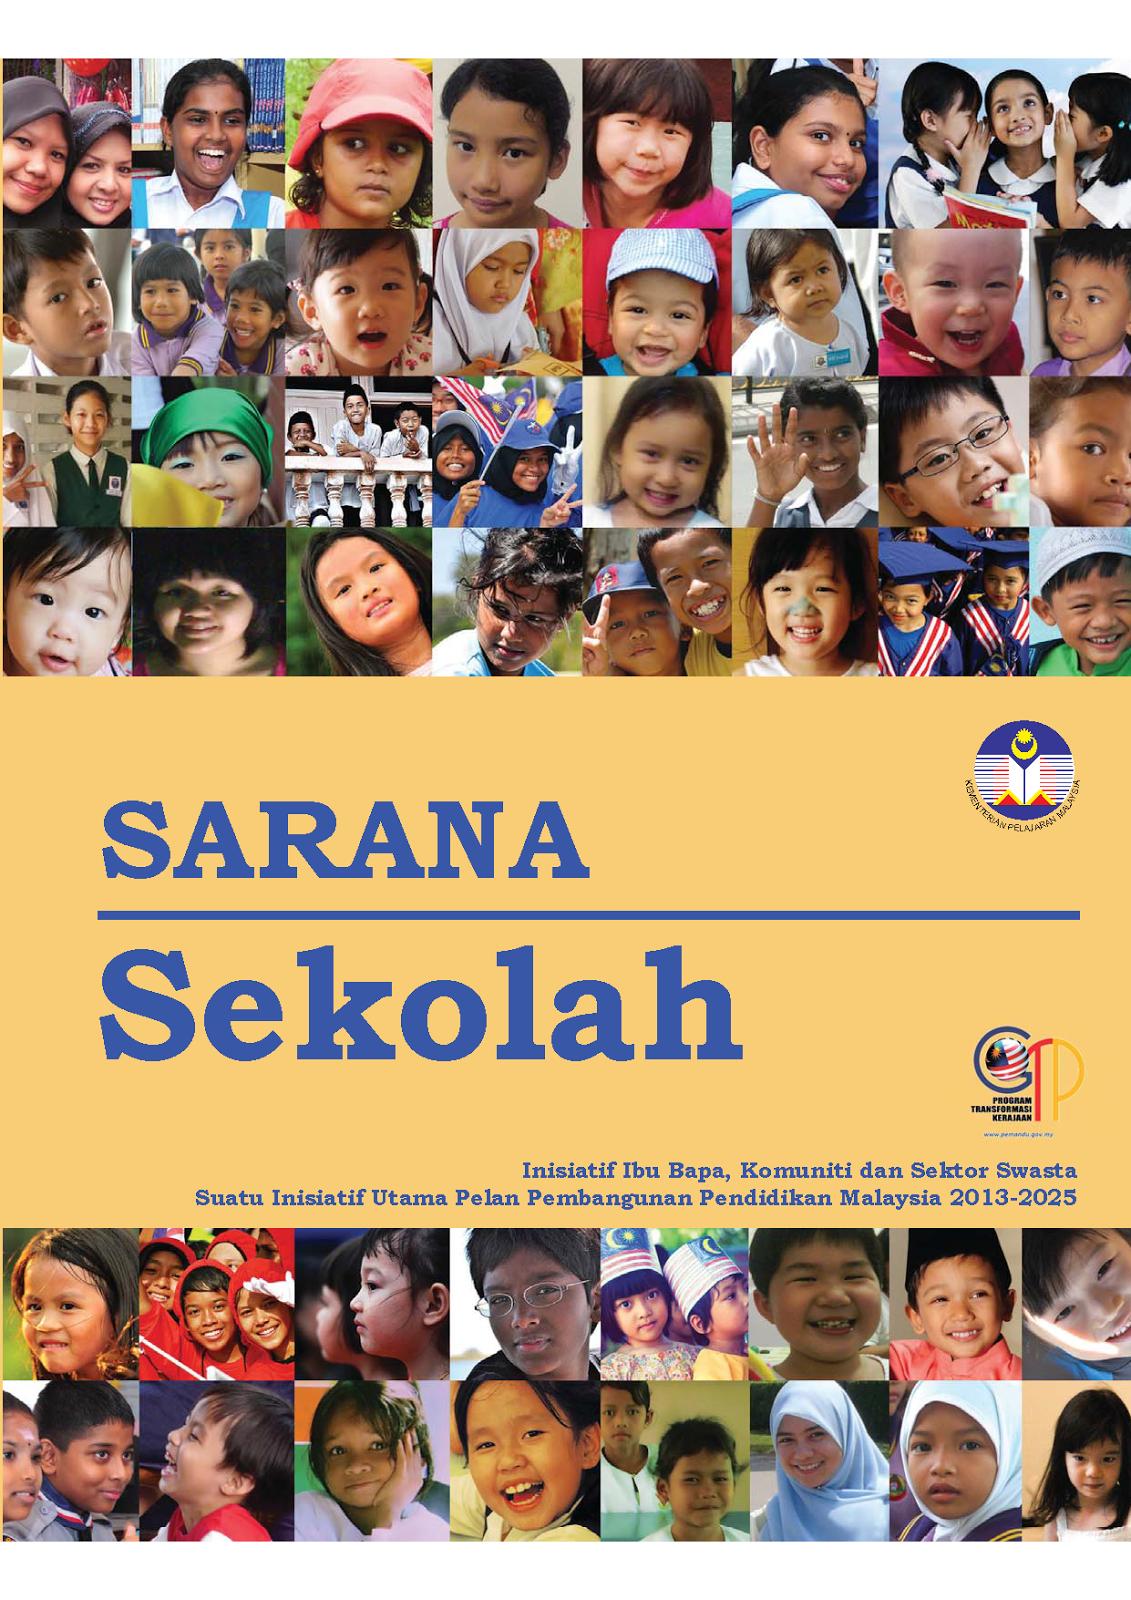 SARANA SEKOLAH